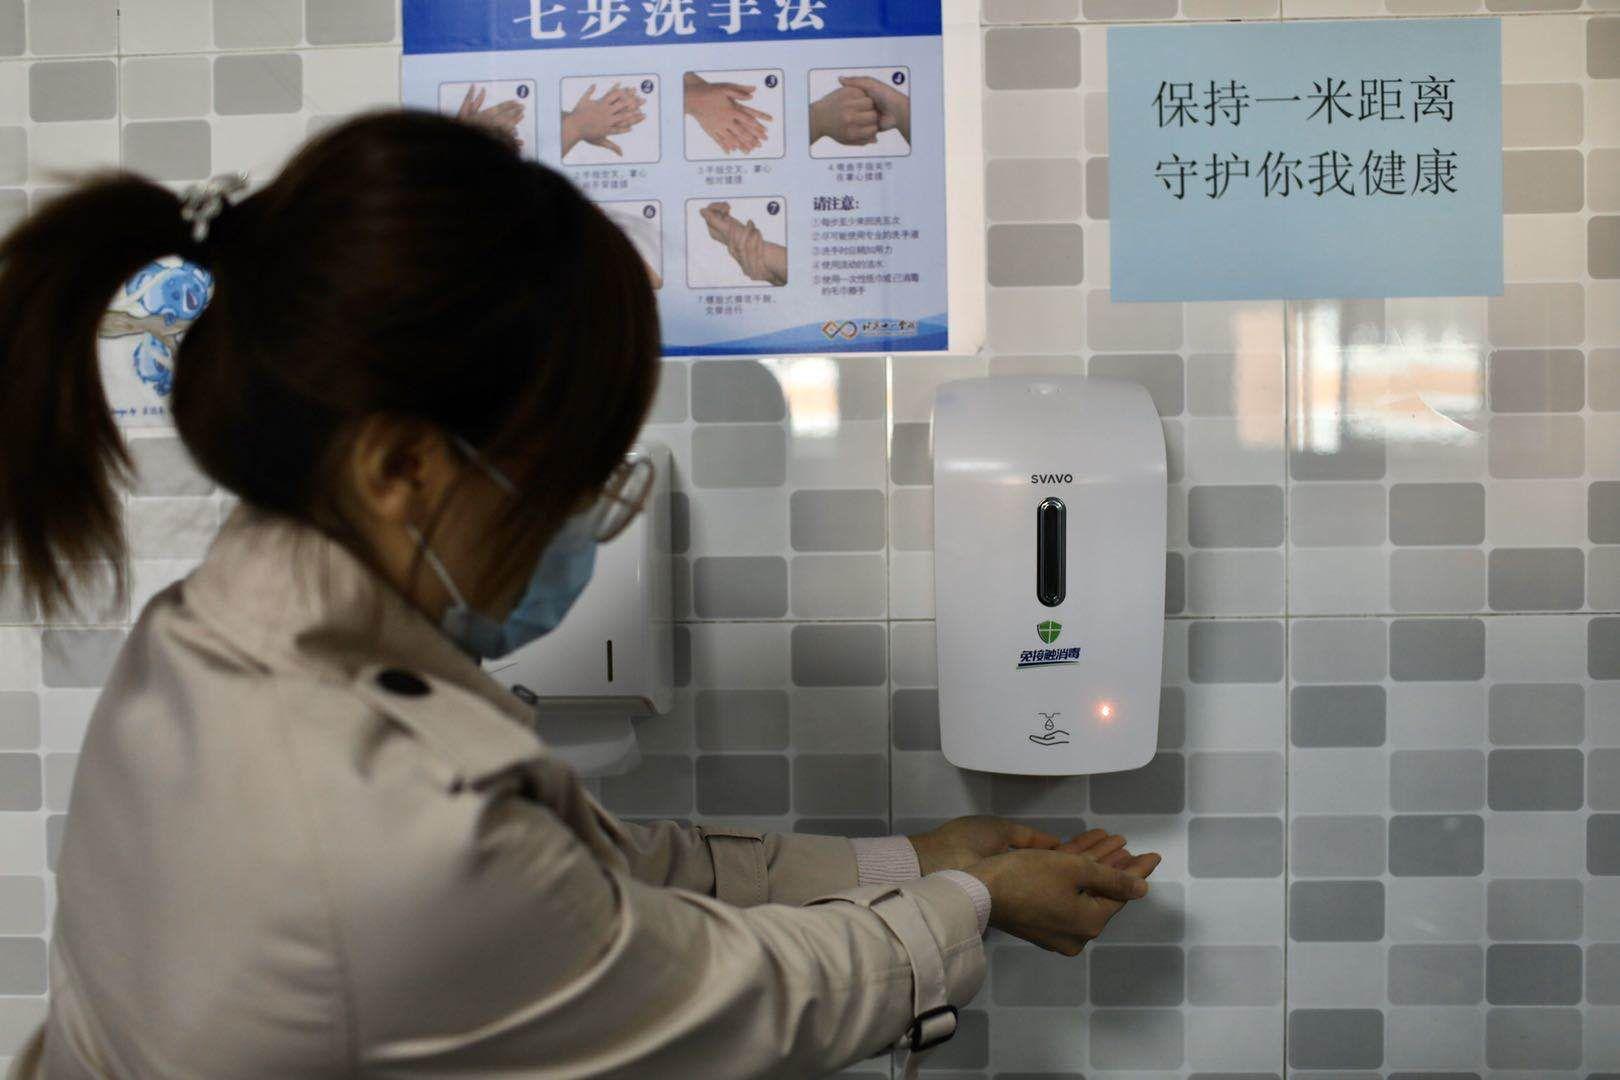 高中楼的卫生间所有换成了感到洗手池,制止打仗交织熏染。摄 新京报记者 浦峰